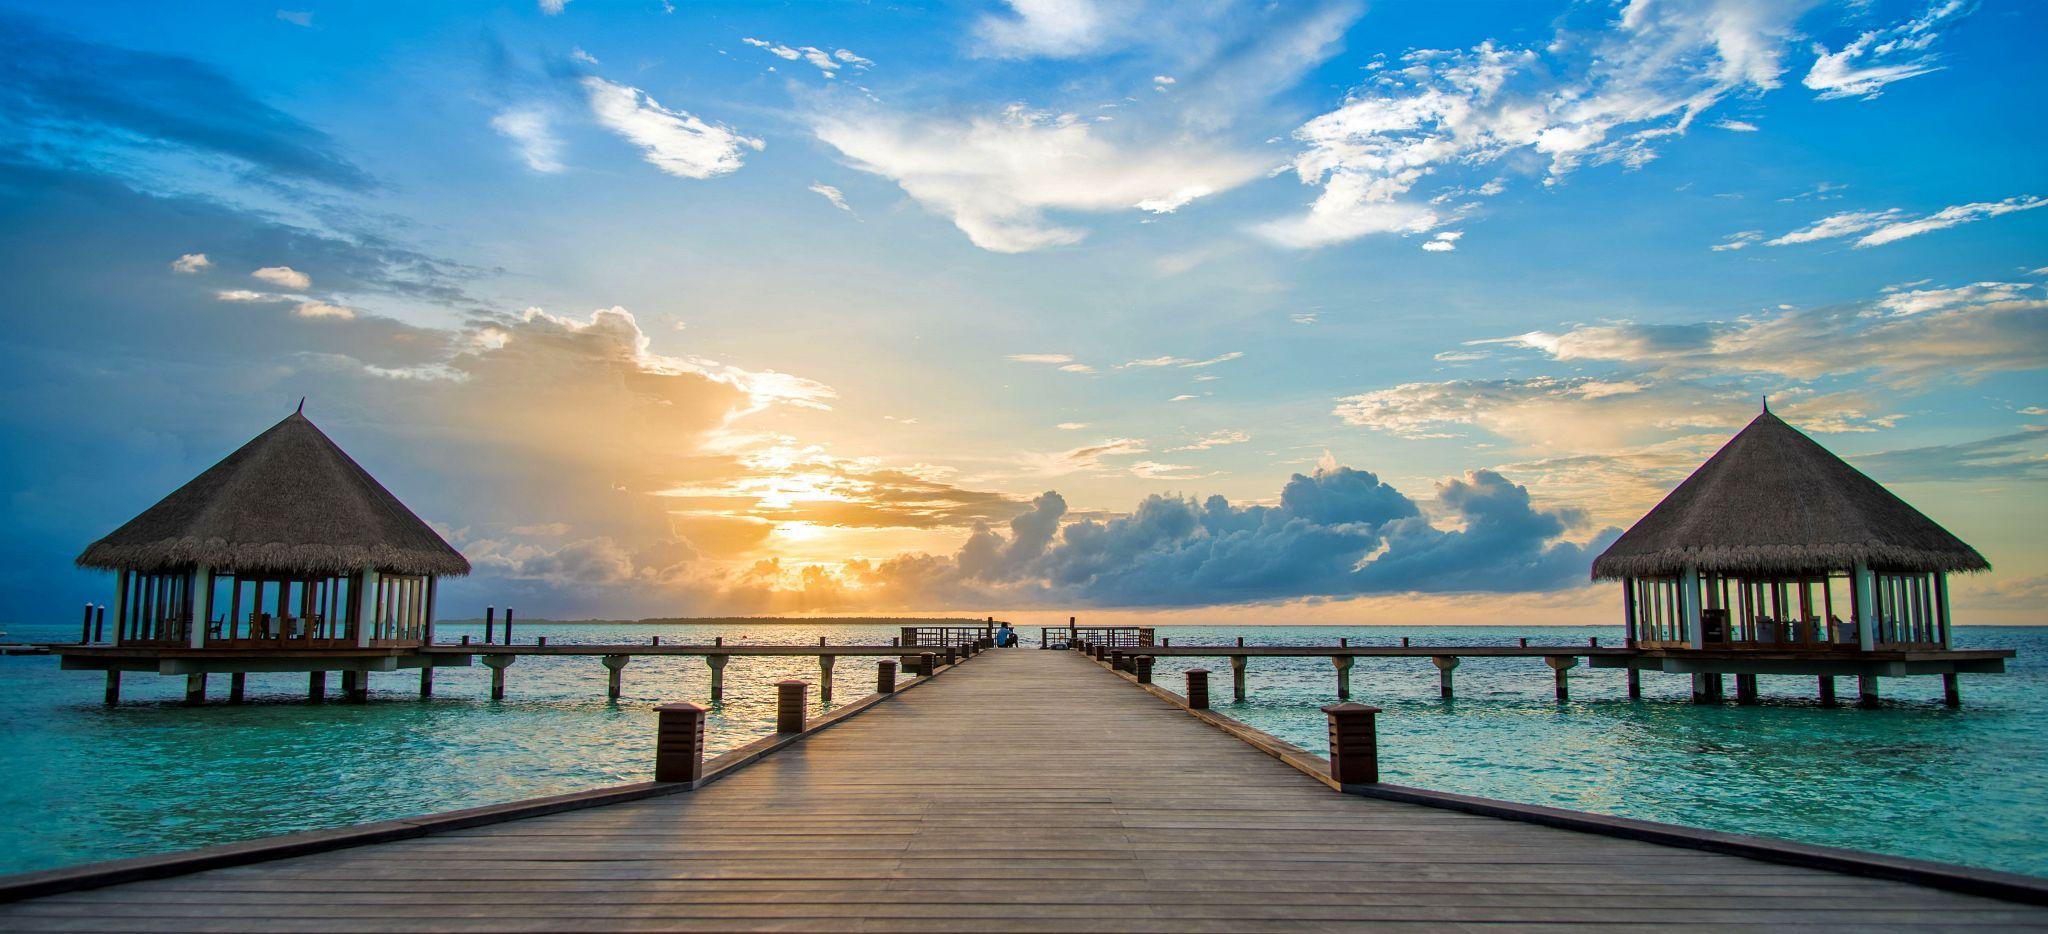 Ein langer Steg mit Zwei Gebäuden, vor dem Sonnuntergang über einer Malediven-Insel